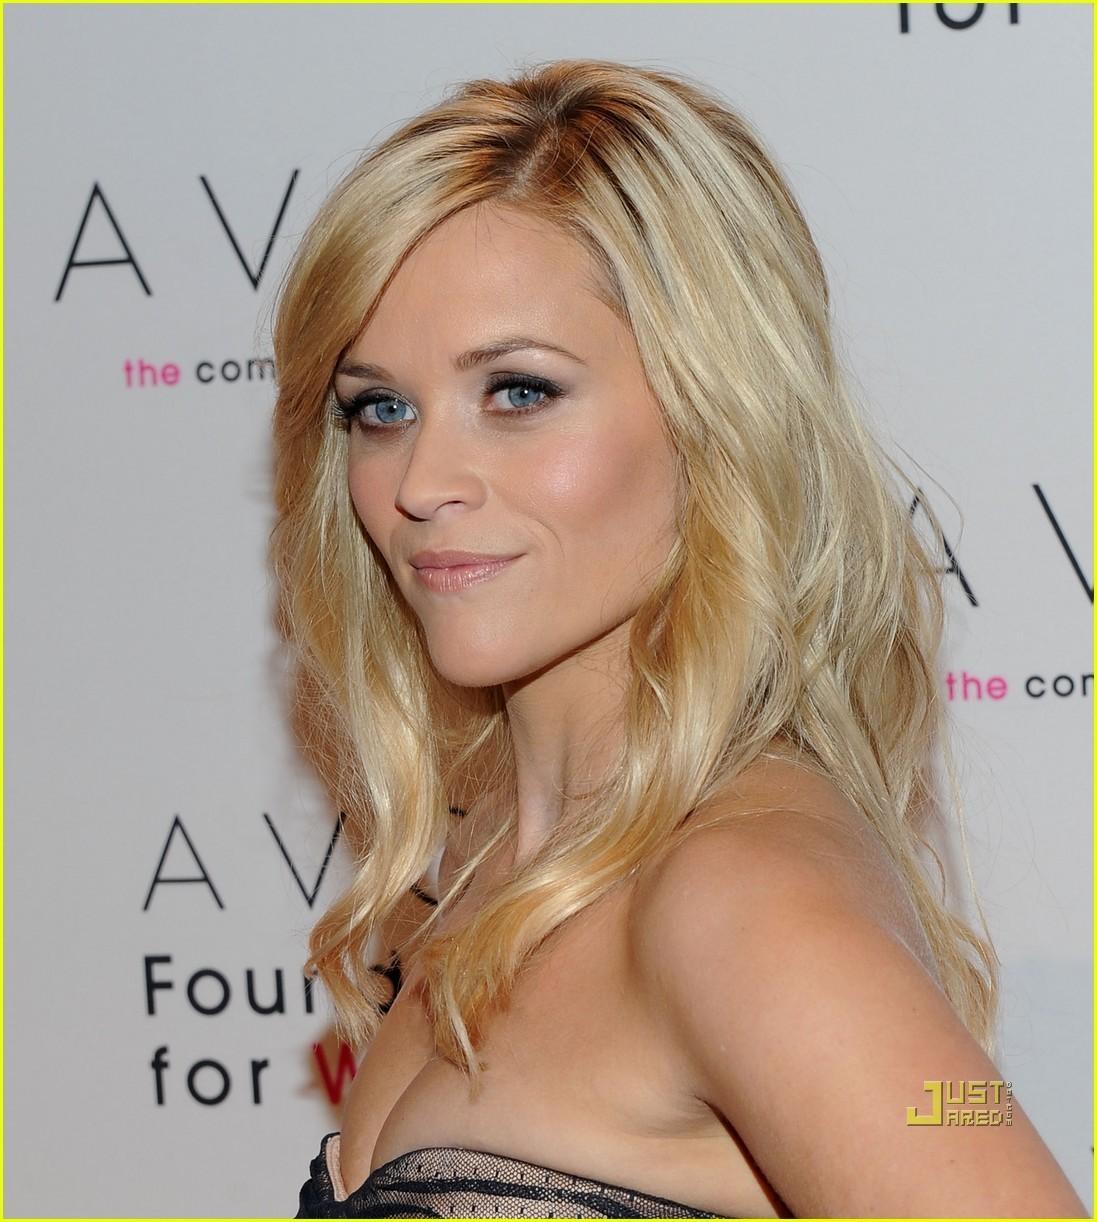 http://1.bp.blogspot.com/-gz8vn6F6rCc/T3fdDkE4XQI/AAAAAAAADBk/ZwHN7de7hBU/s1600/Reese+Witherspoon.jpg